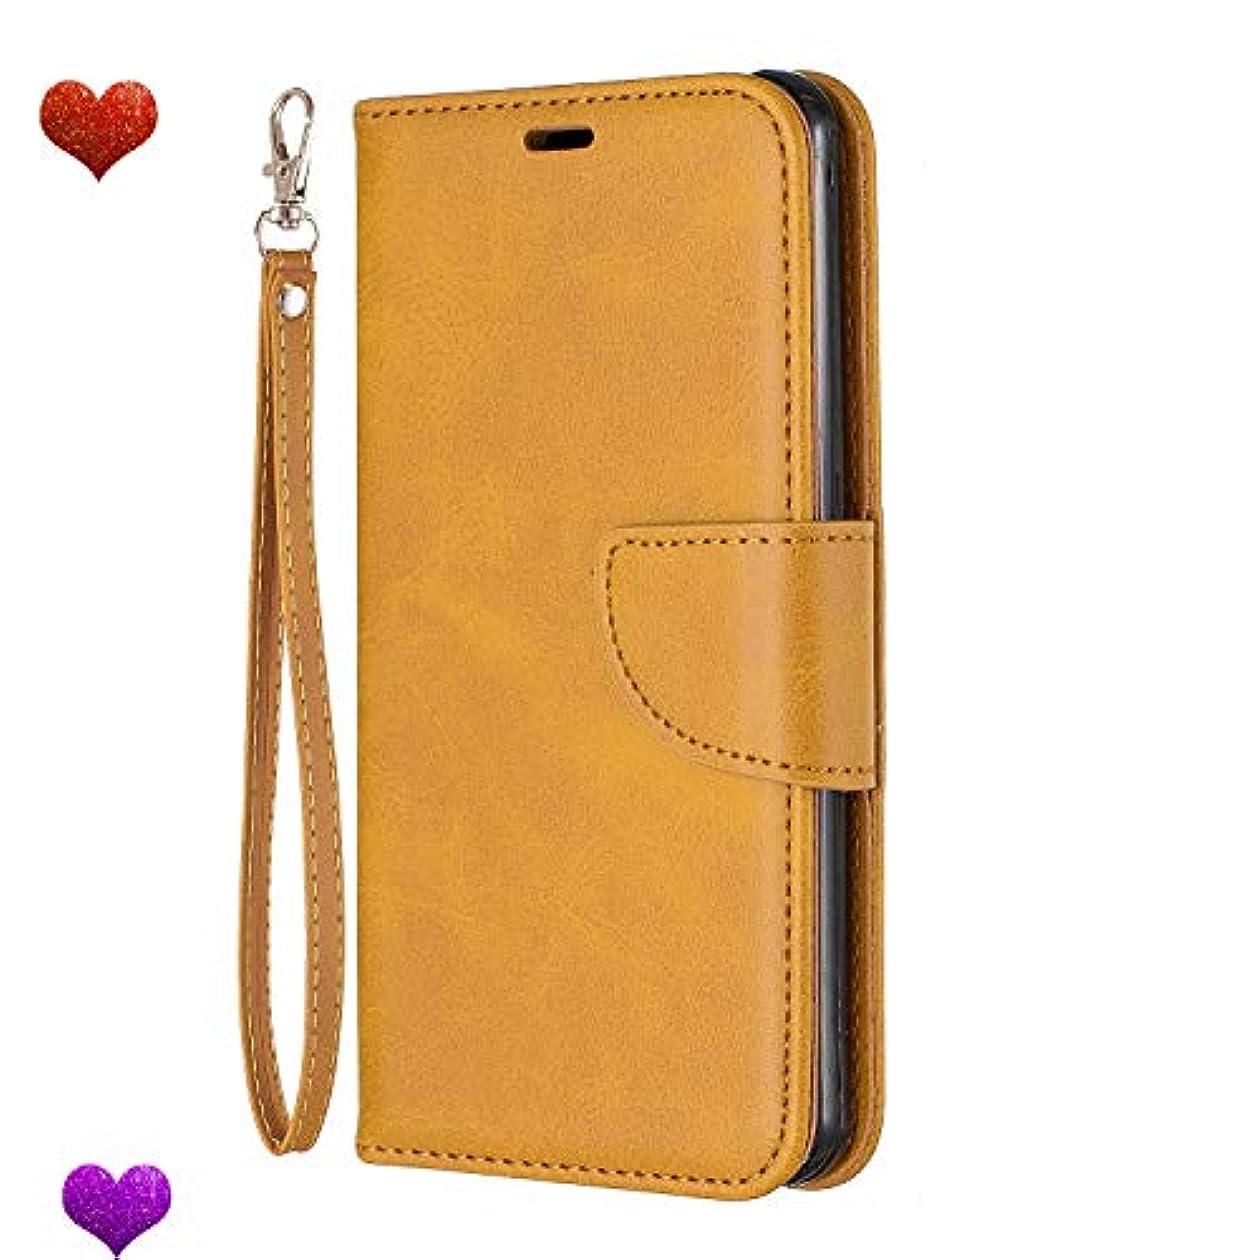 最も早い補体ふつうSamsung Galaxy A3 2017 ケース 手帳型 本革 レザー カバー 財布型 スタンド機能 カードポケット 耐摩擦 耐汚れ 全面保護 人気 アイフォン